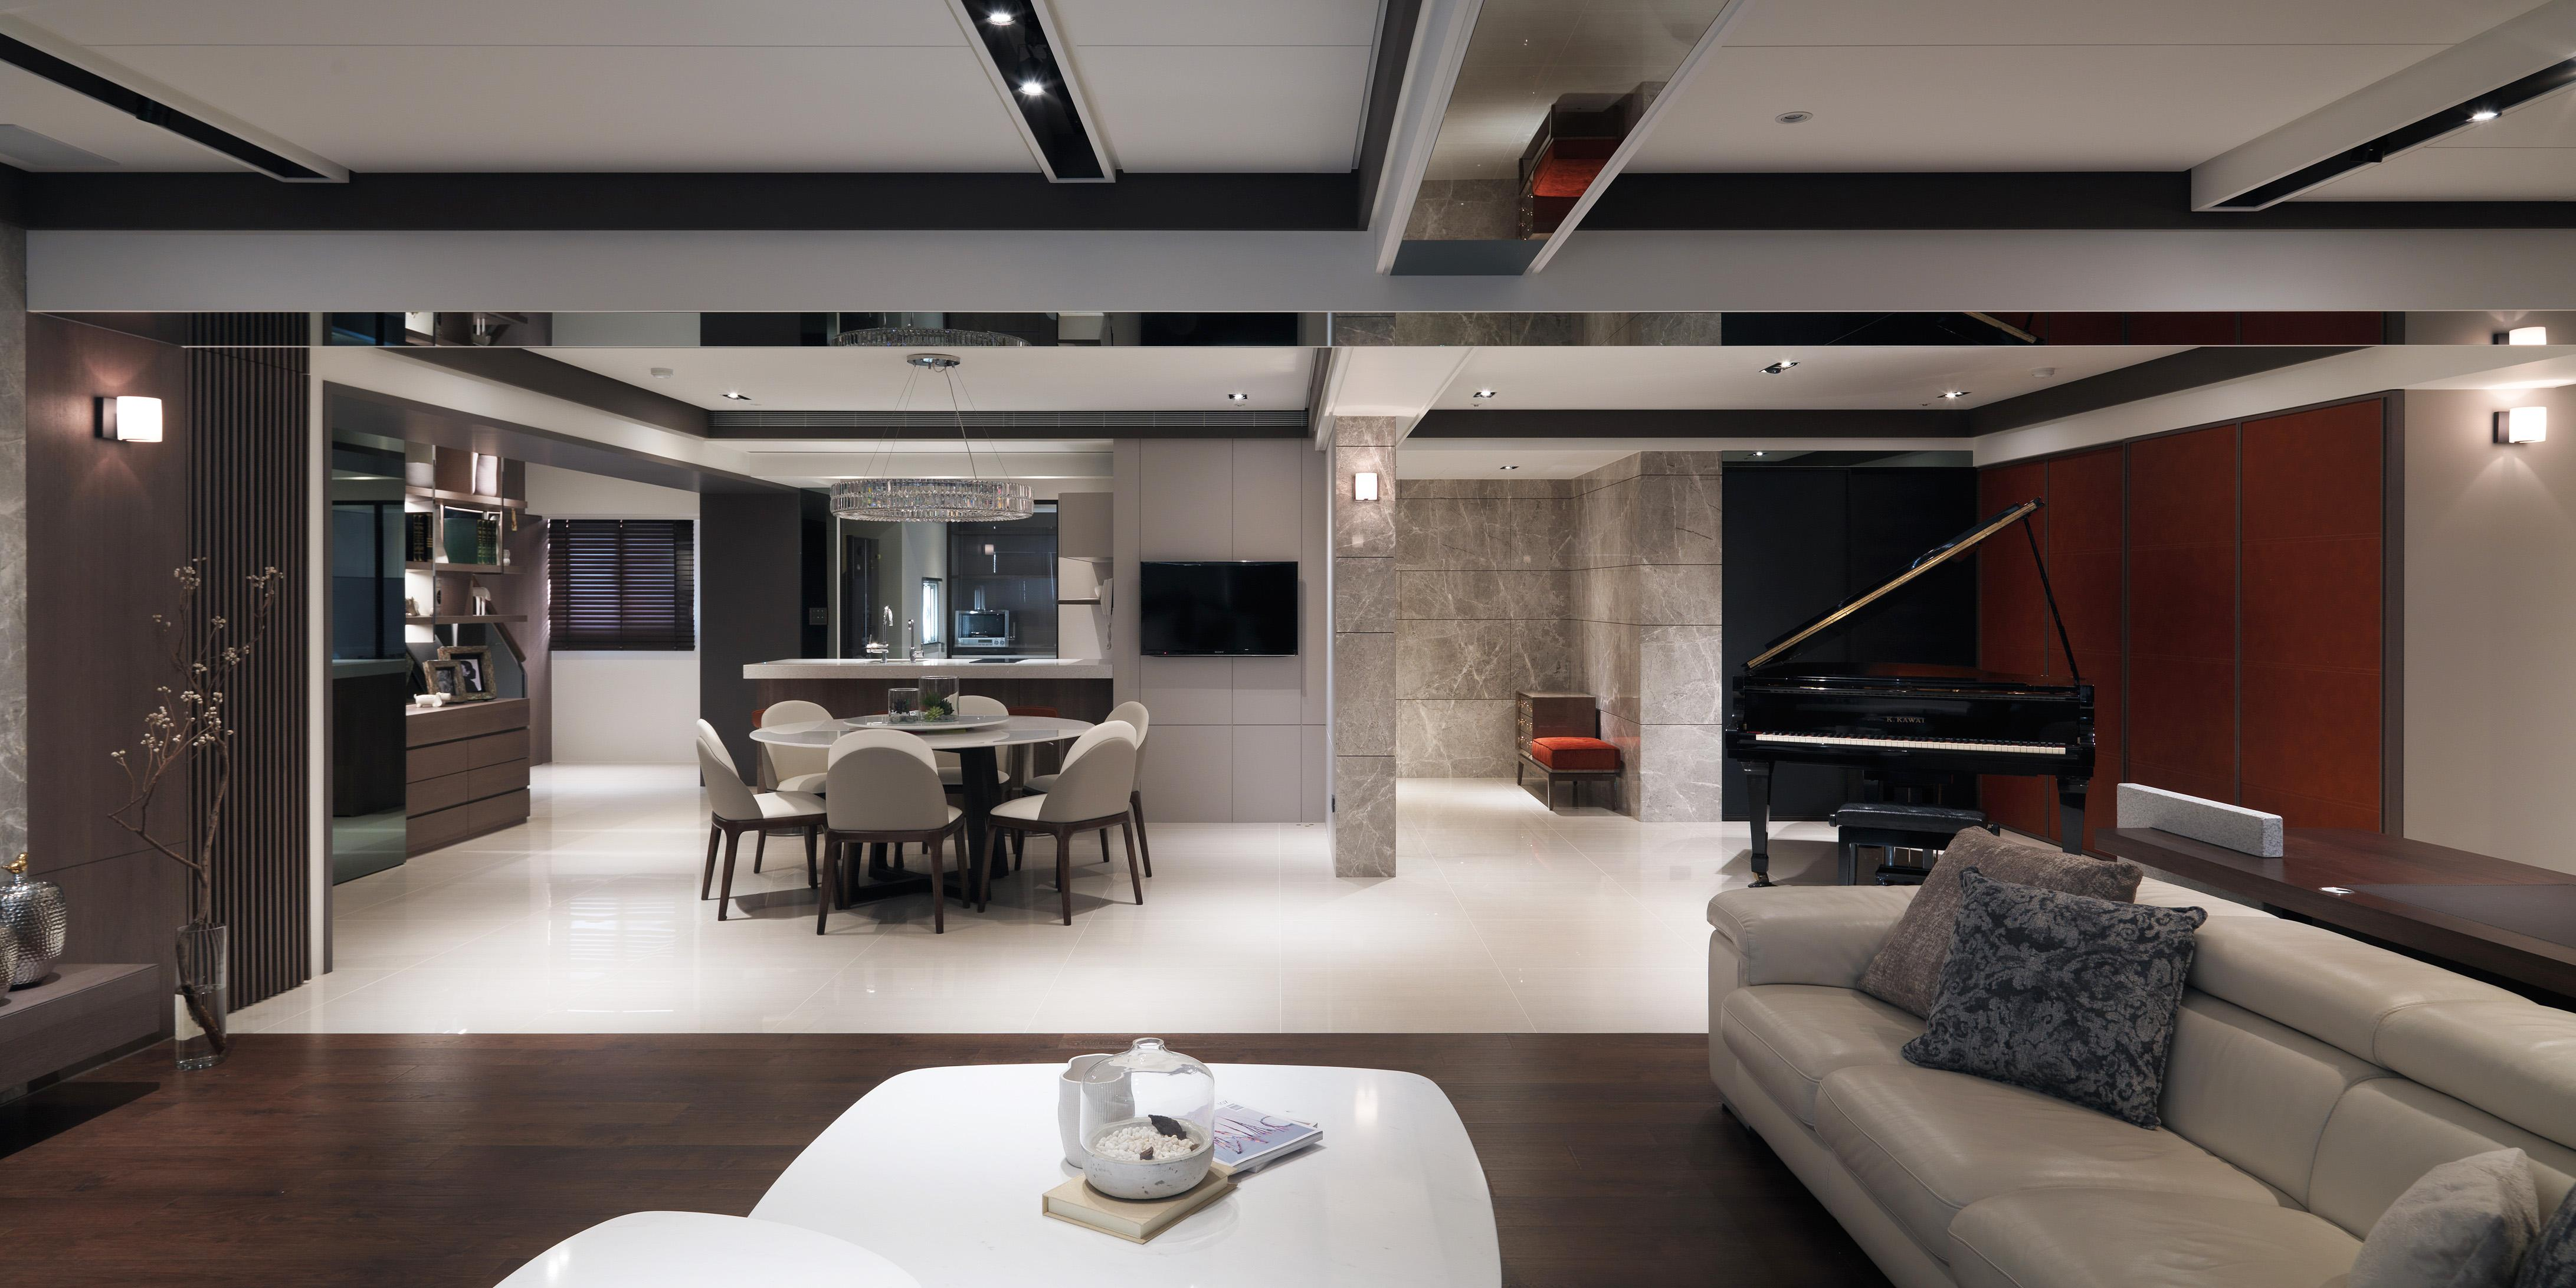 img-1528豪宅設計-複述/ 嫣紅-客廳8864973